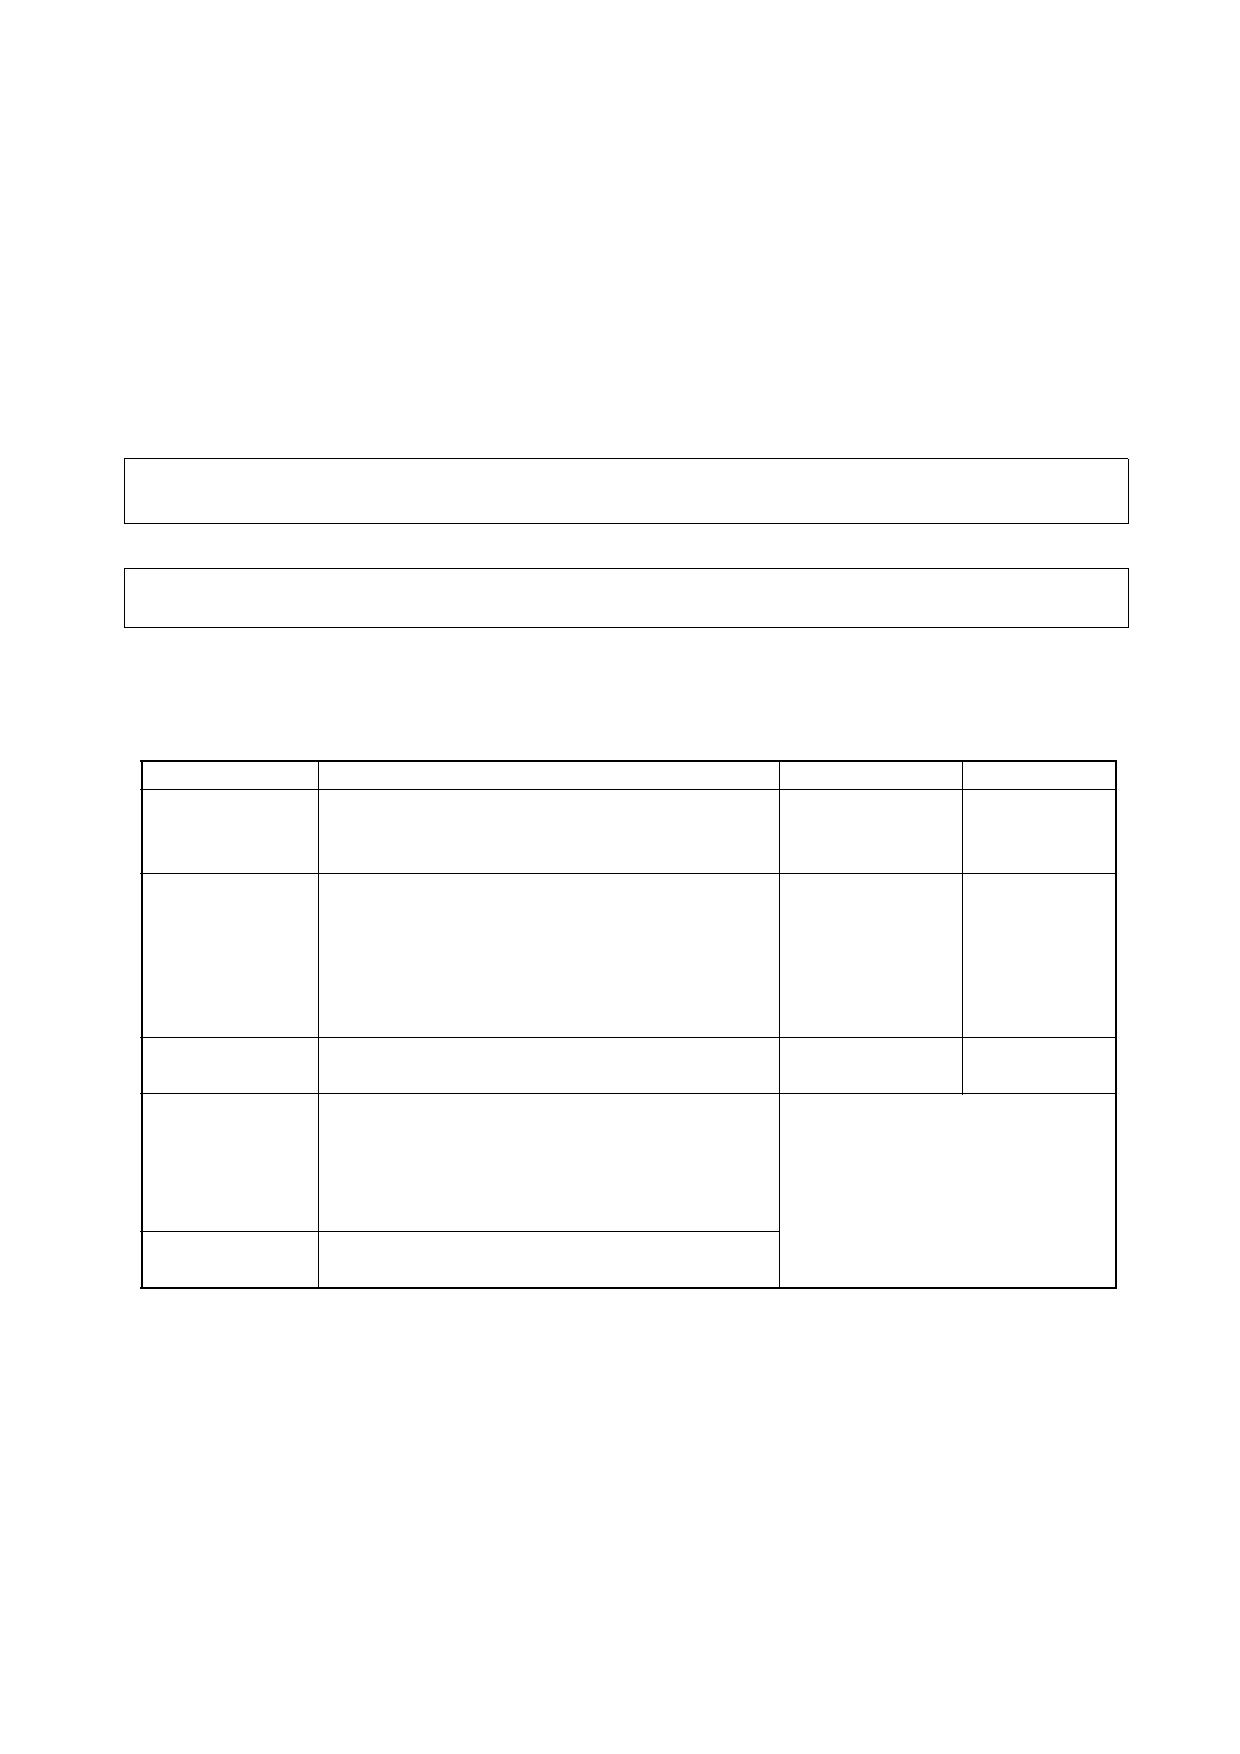 R5F2121AKFP pdf, 반도체, 판매, 대치품